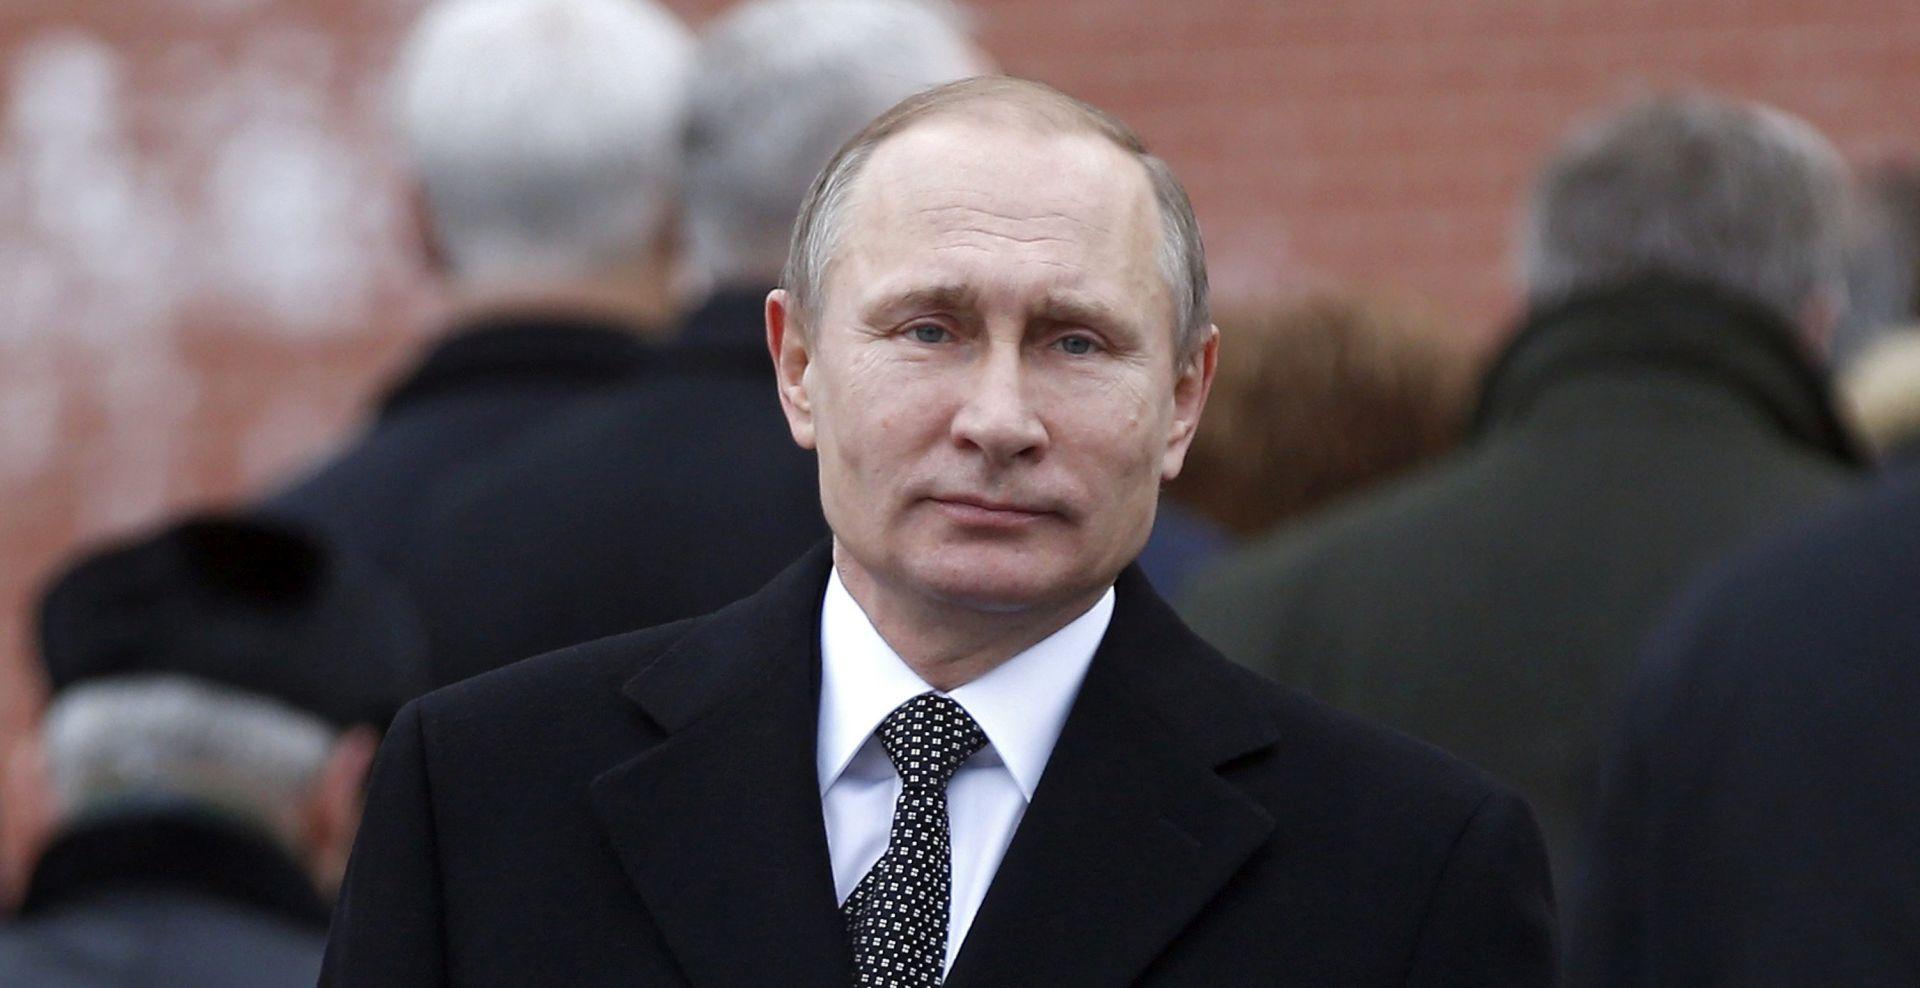 ANKETA YOUGOV Vladimiru Putinu divi se više ljudi nego papi Franji i Dalaj Lami